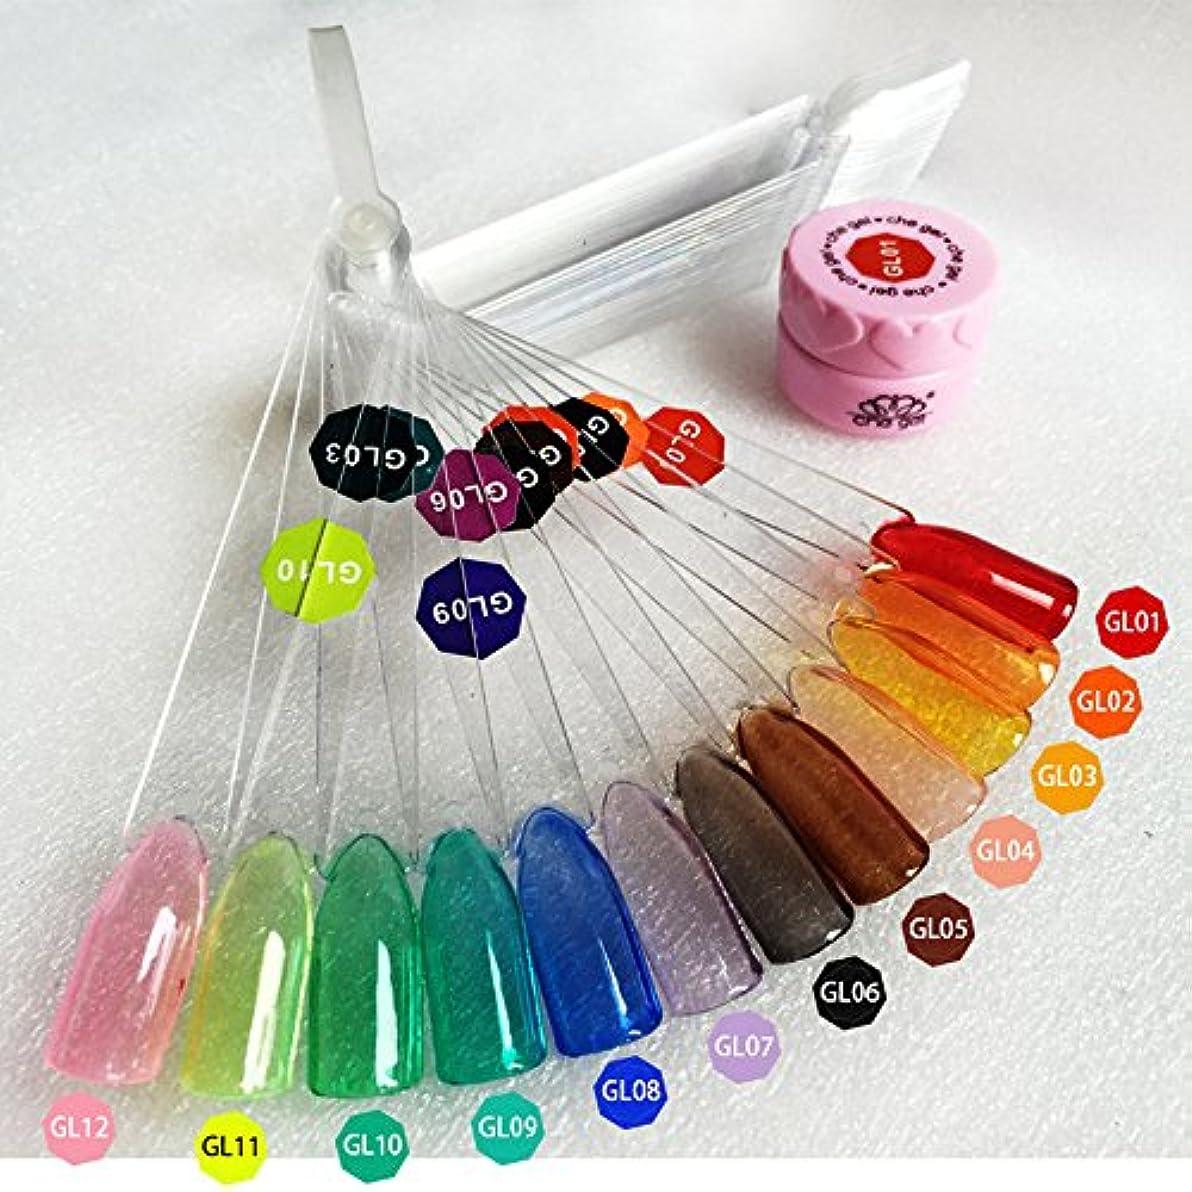 ごめんなさい階層テナントジェルネイルカラークリアカラージェル ネイルアートネイルパーツネイルマニキュアソークオフ   3gケース入り12色から選び  (9)